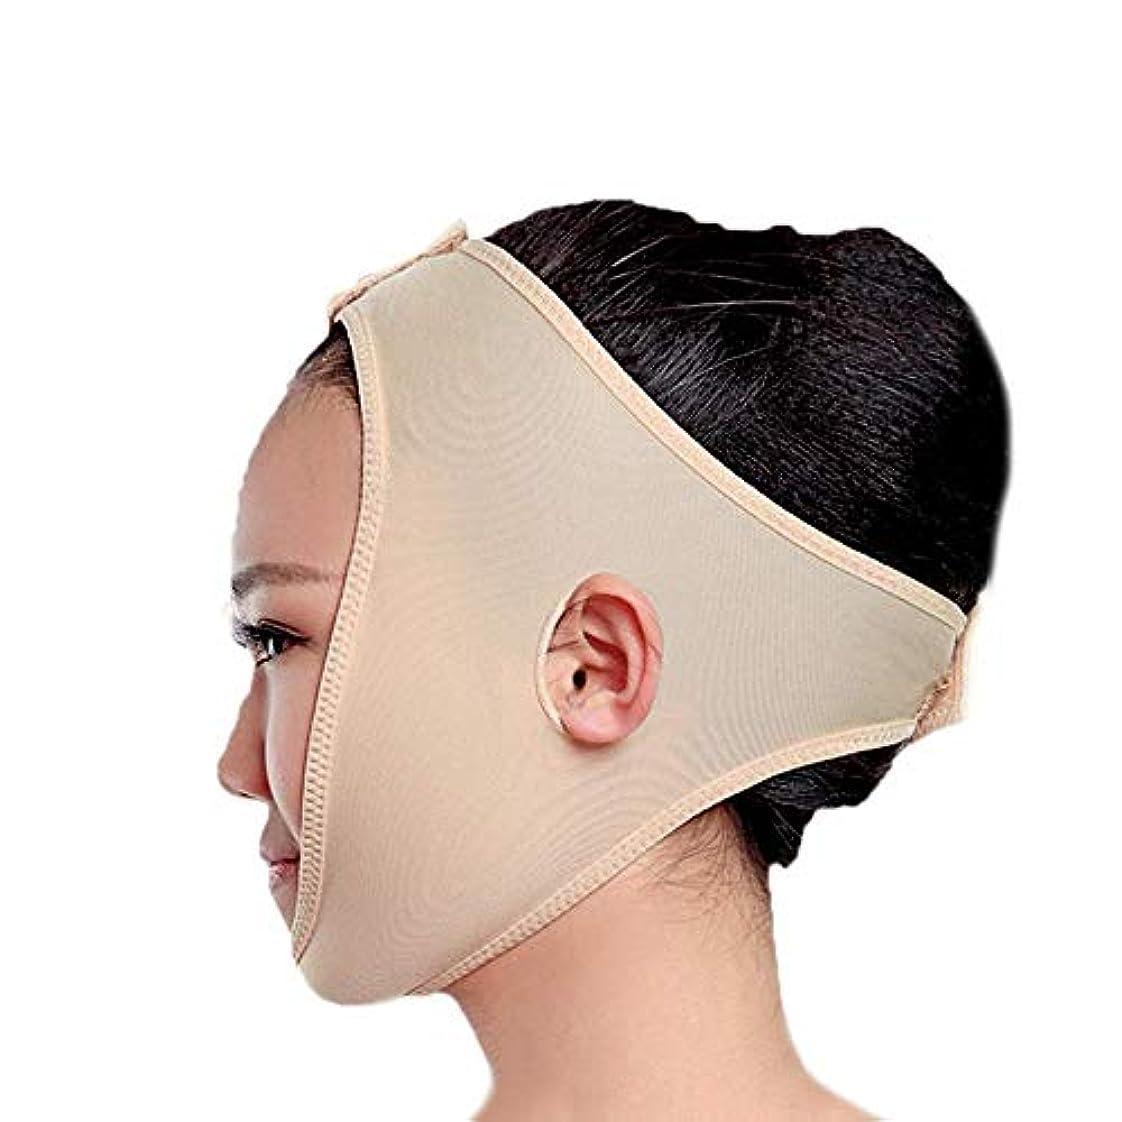 大臣地理受け皿フェイススリミングマスク、快適さと通気性、フェイシャルリフティング、輪郭の改善された硬さ、ファーミングとリフティングフェイス(カラー:ブラック、サイズ:XL),黄色がかったピンク2、L